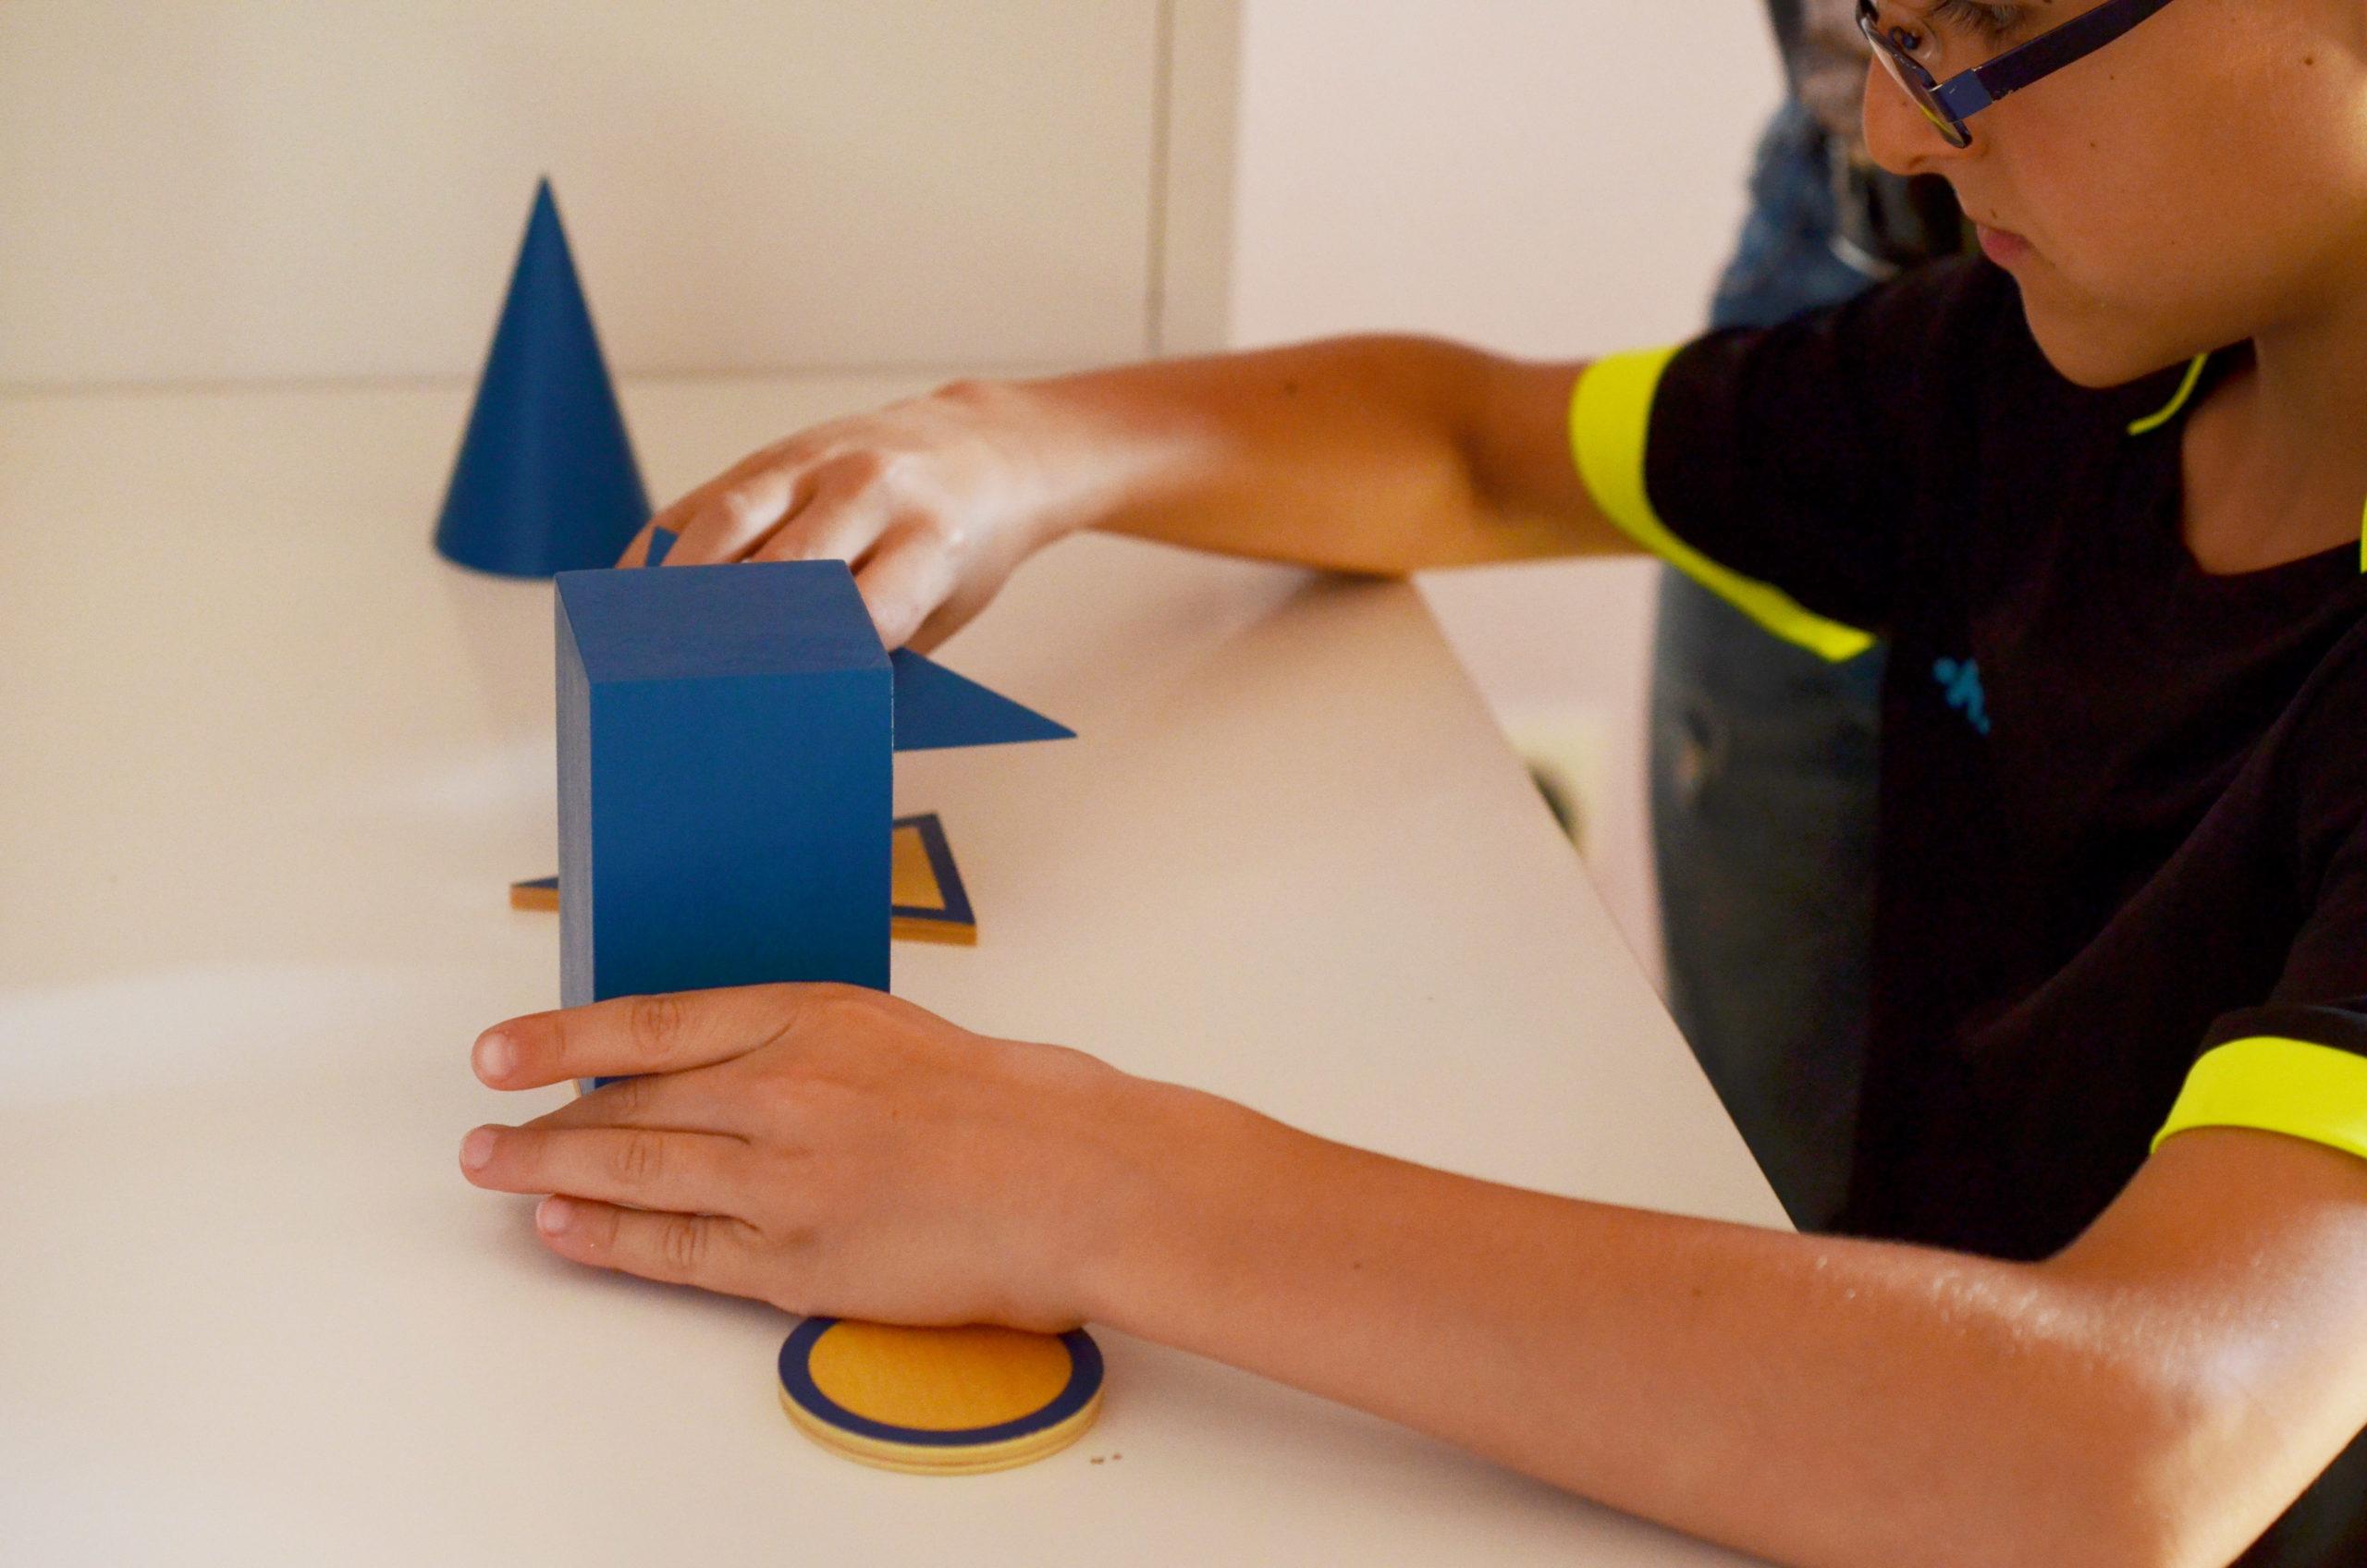 Enfant manipulant du matériel Montessori